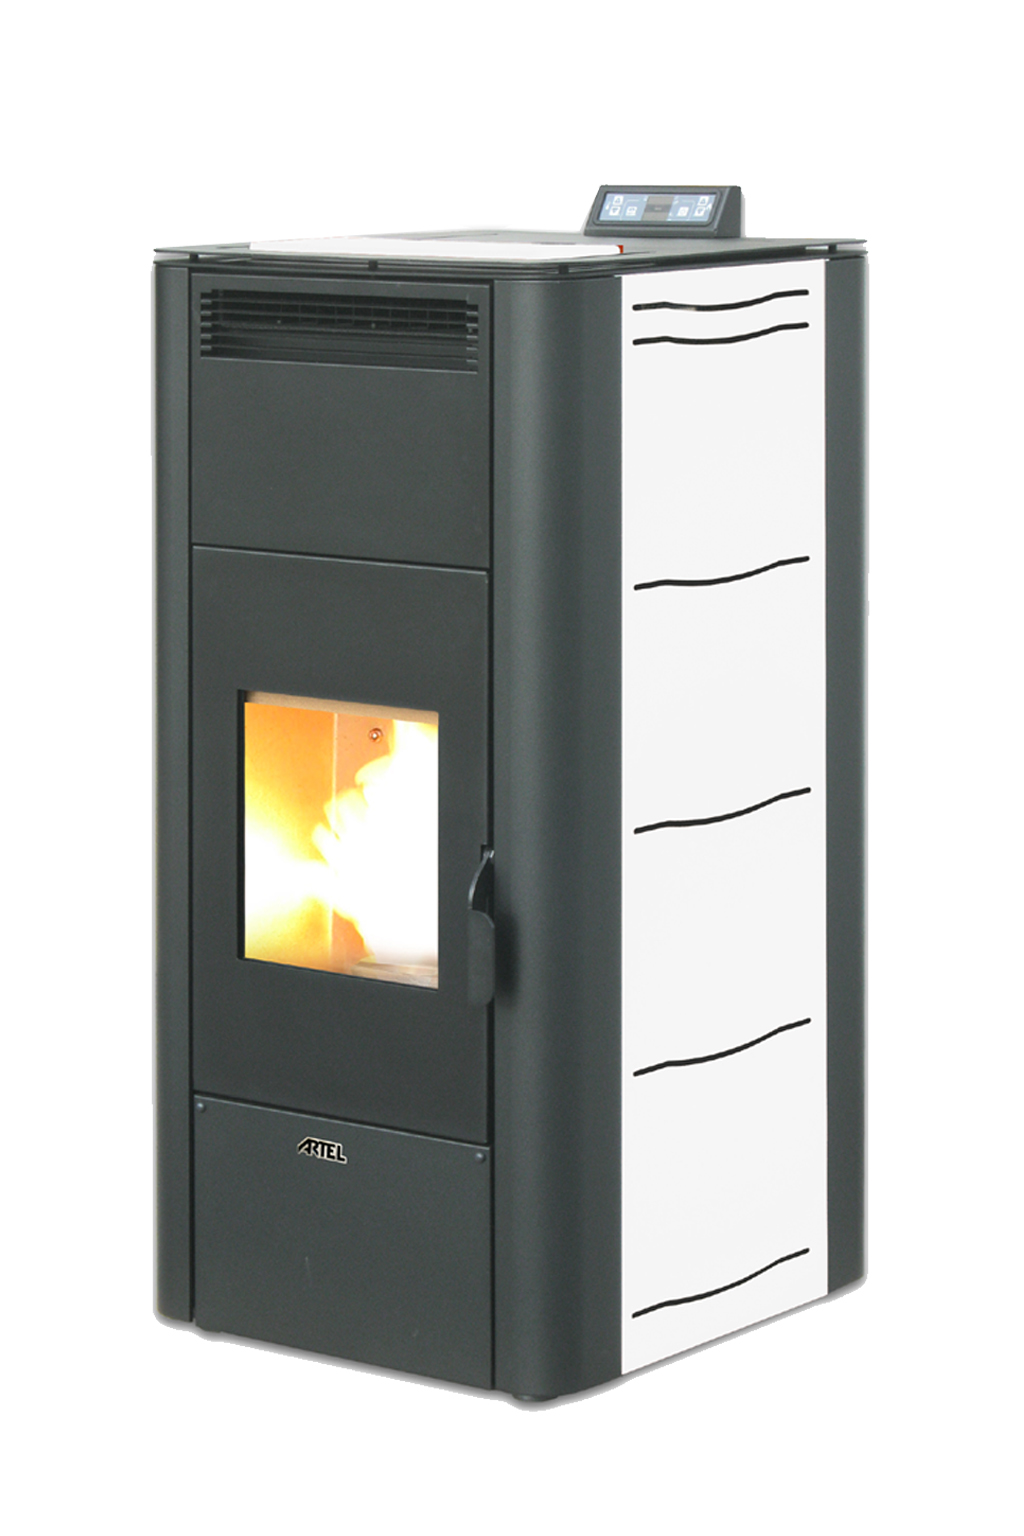 Pelletkachel cv 24 kW wit